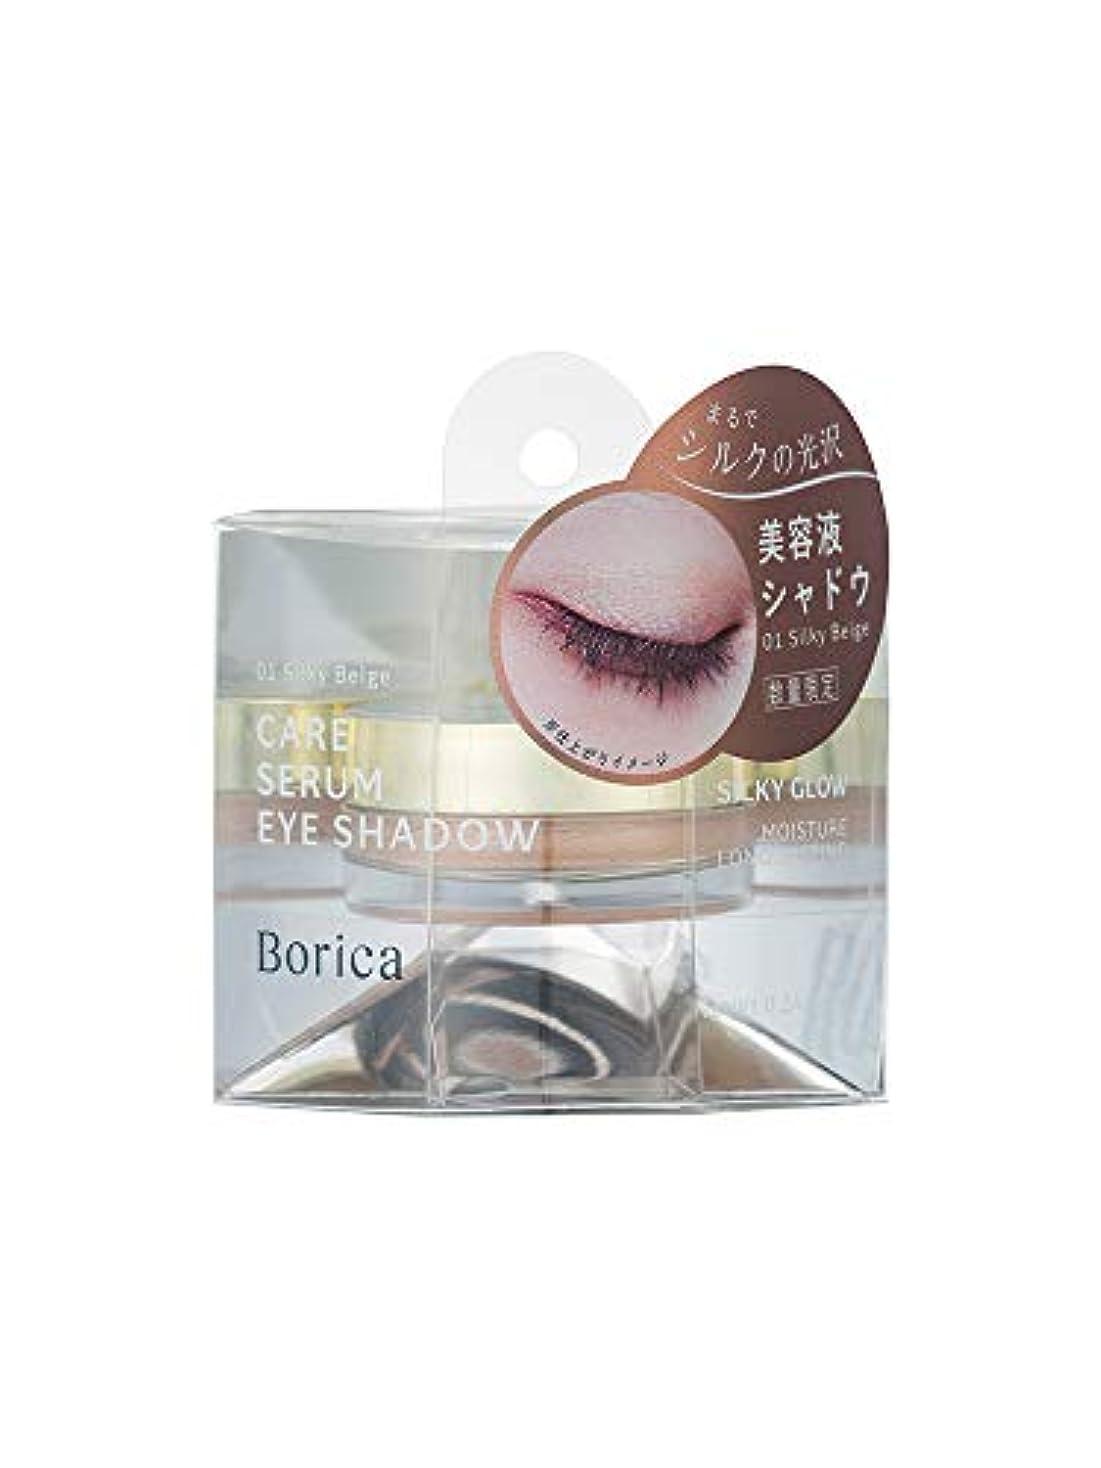 ベストカート破壊的Borica 美容液ケアアイシャドウ<シルキーグロウ01(01 Silky Beige)>